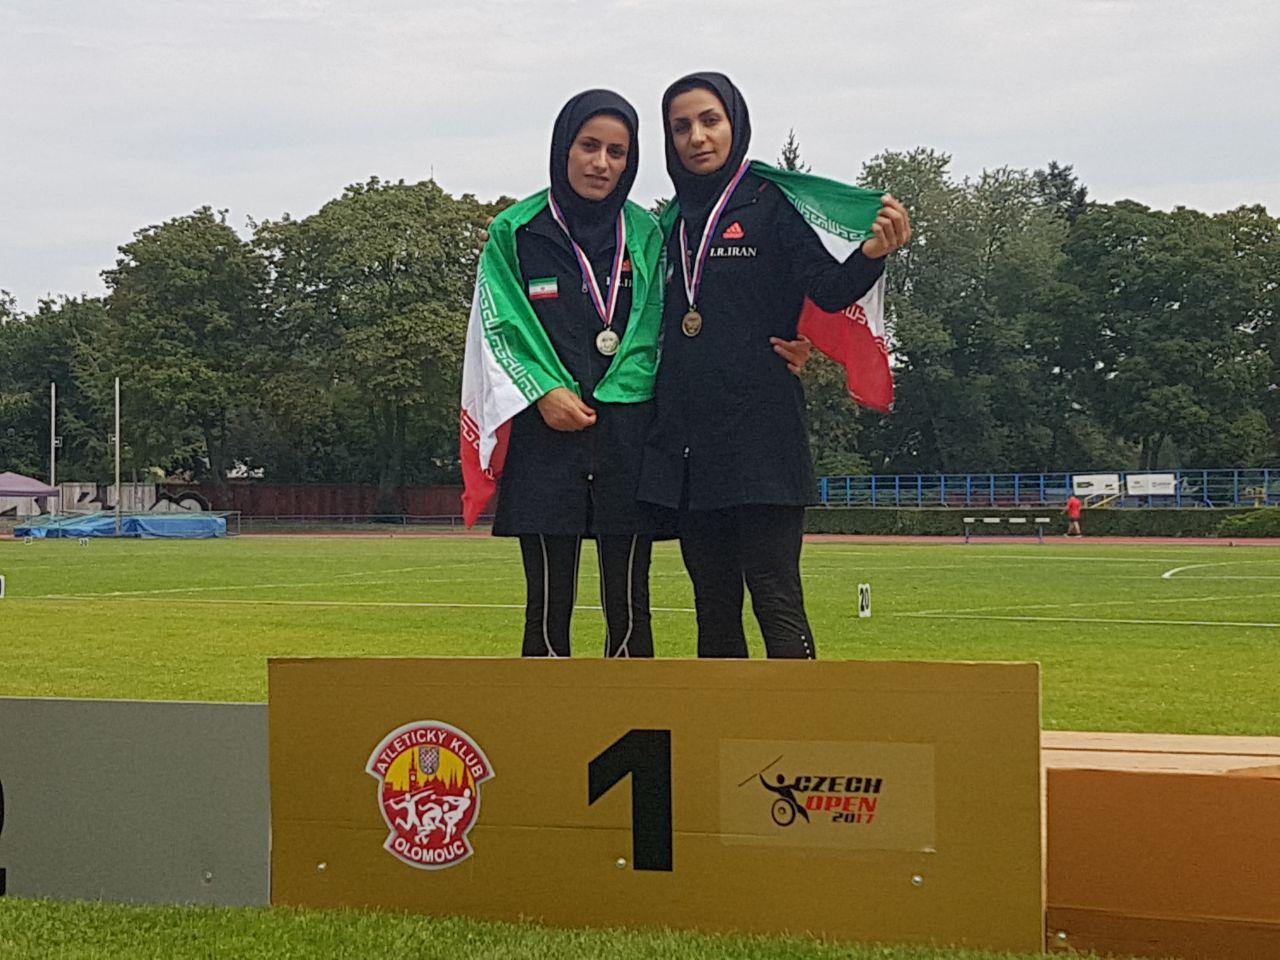 روز سوم بازیهای پاراآسیایی جاکارتا / ۷ طلا، ۴ نقره و ۷ برنز حاصل تلاش ورزشکاران ایرانی